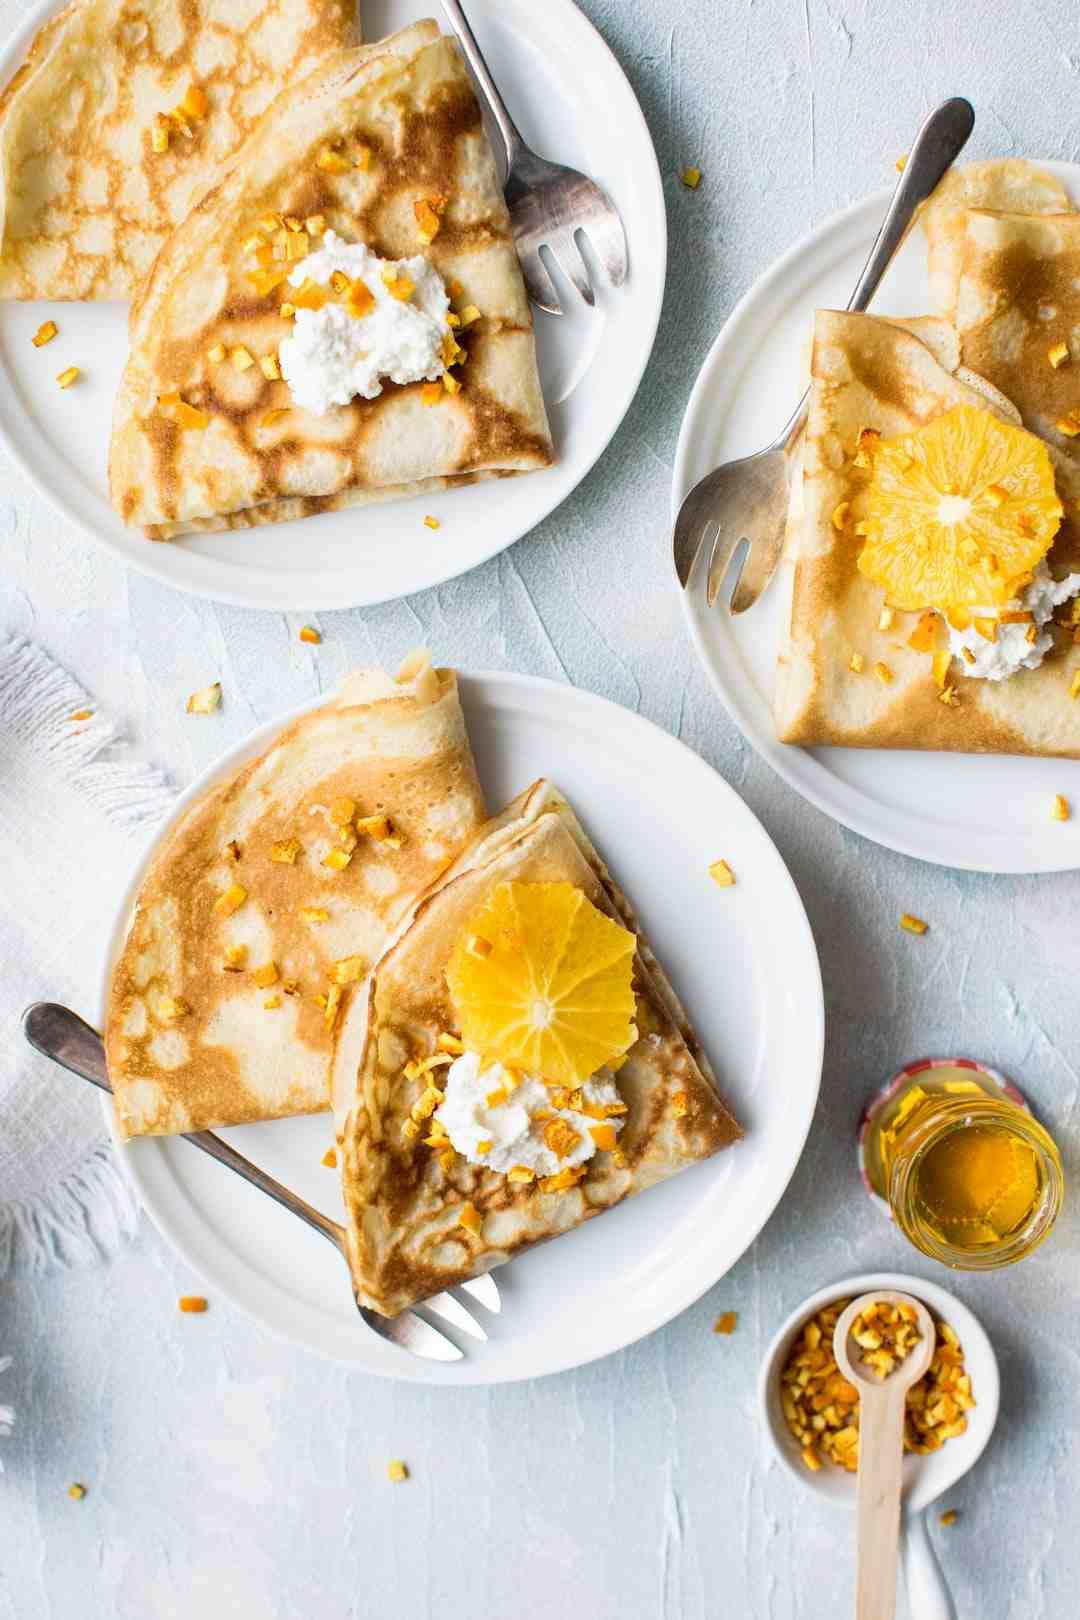 Comment étaler la pâte à crêpes sur une assiette?